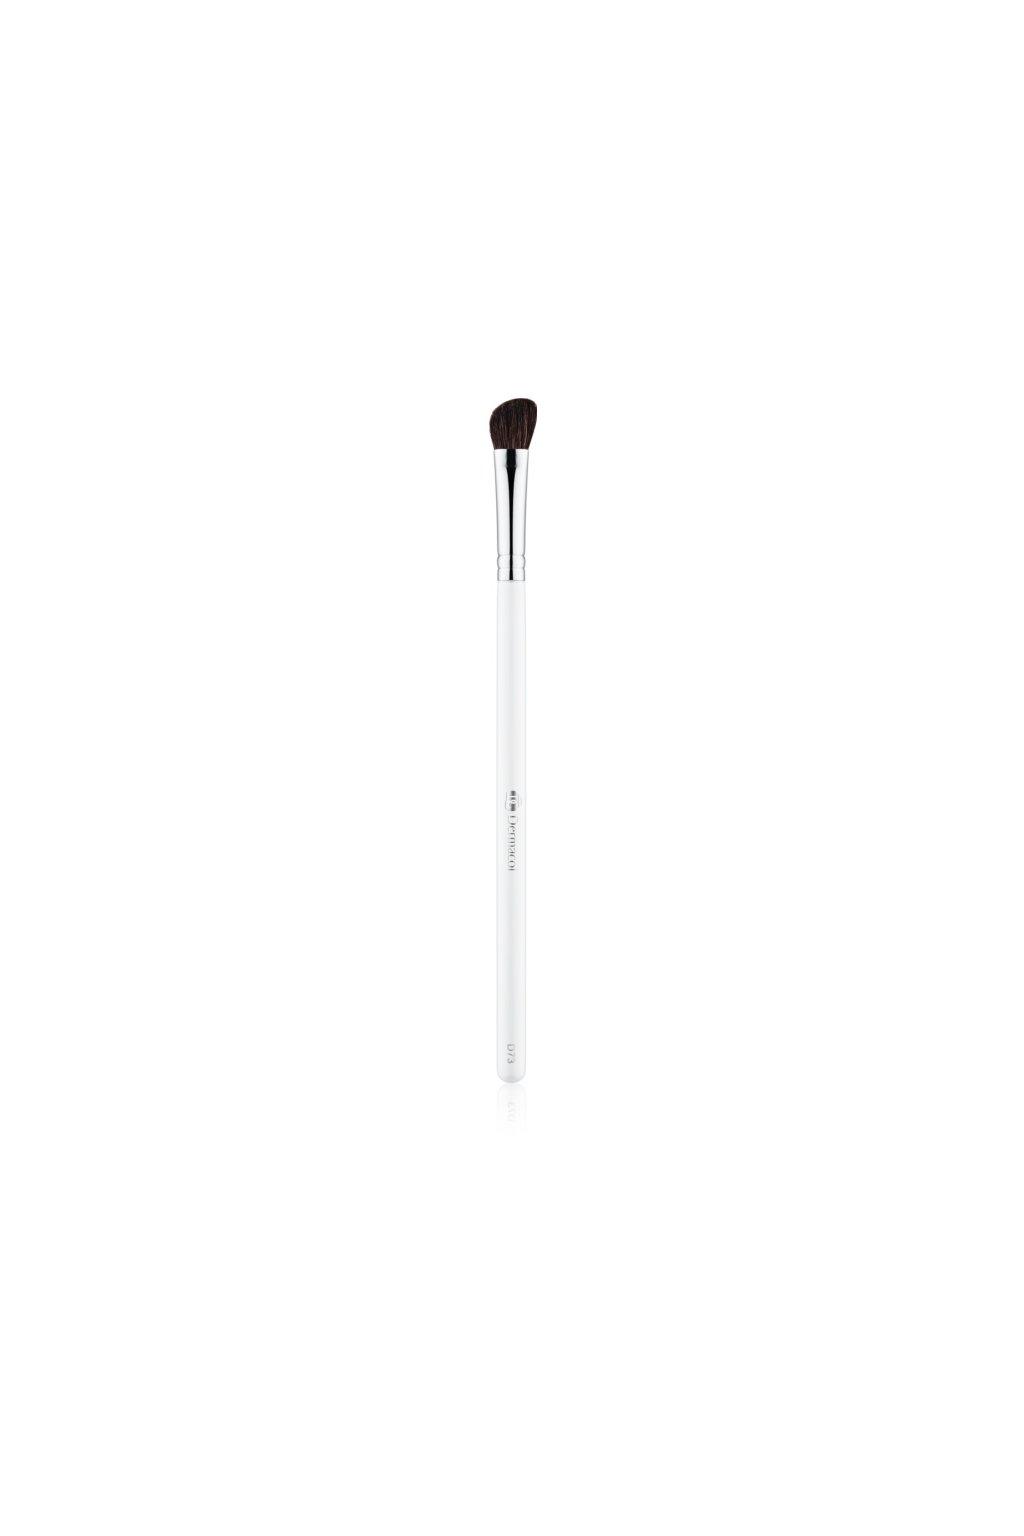 dermacol master brush by petralovelyhair zkoseny stetec na ocni stiny